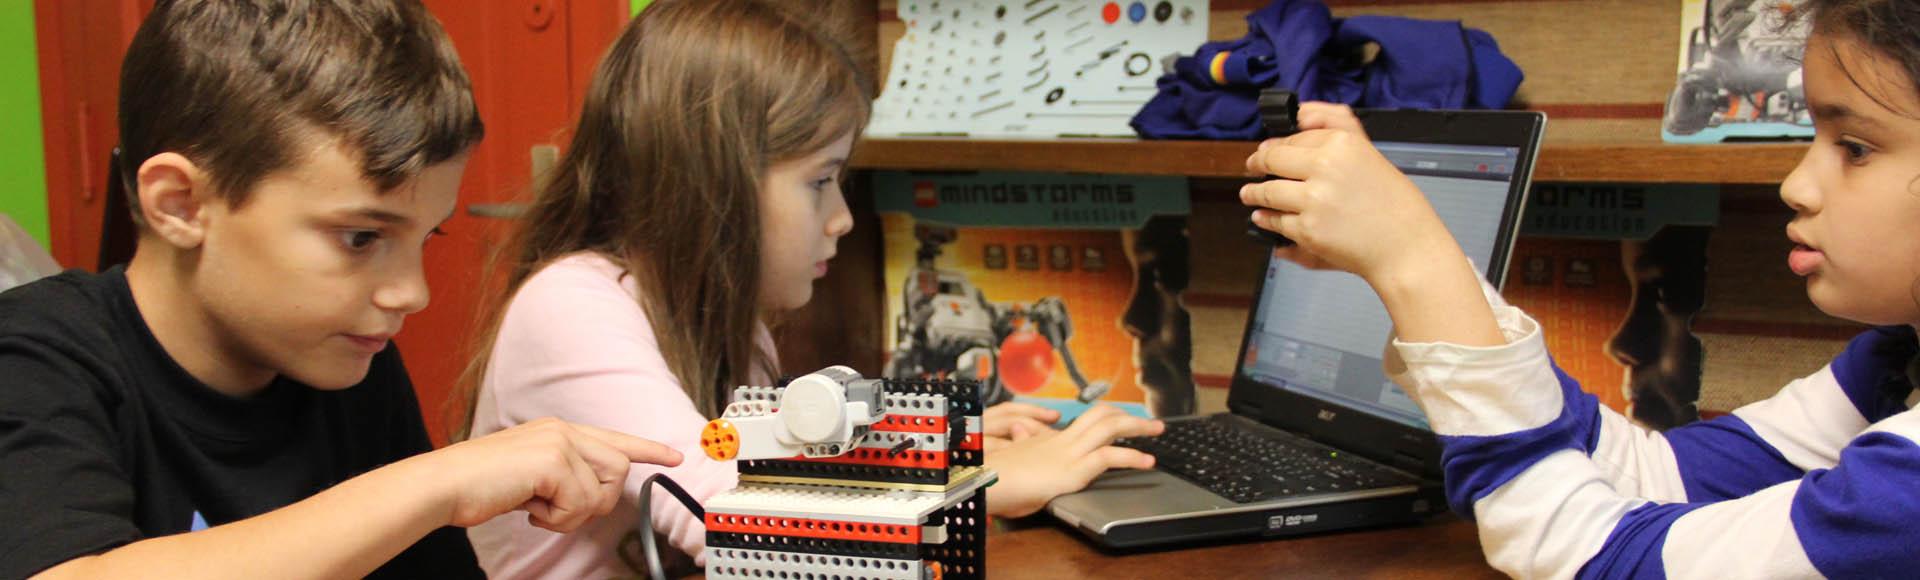 Cursos de Robótica para niños y jóvenes